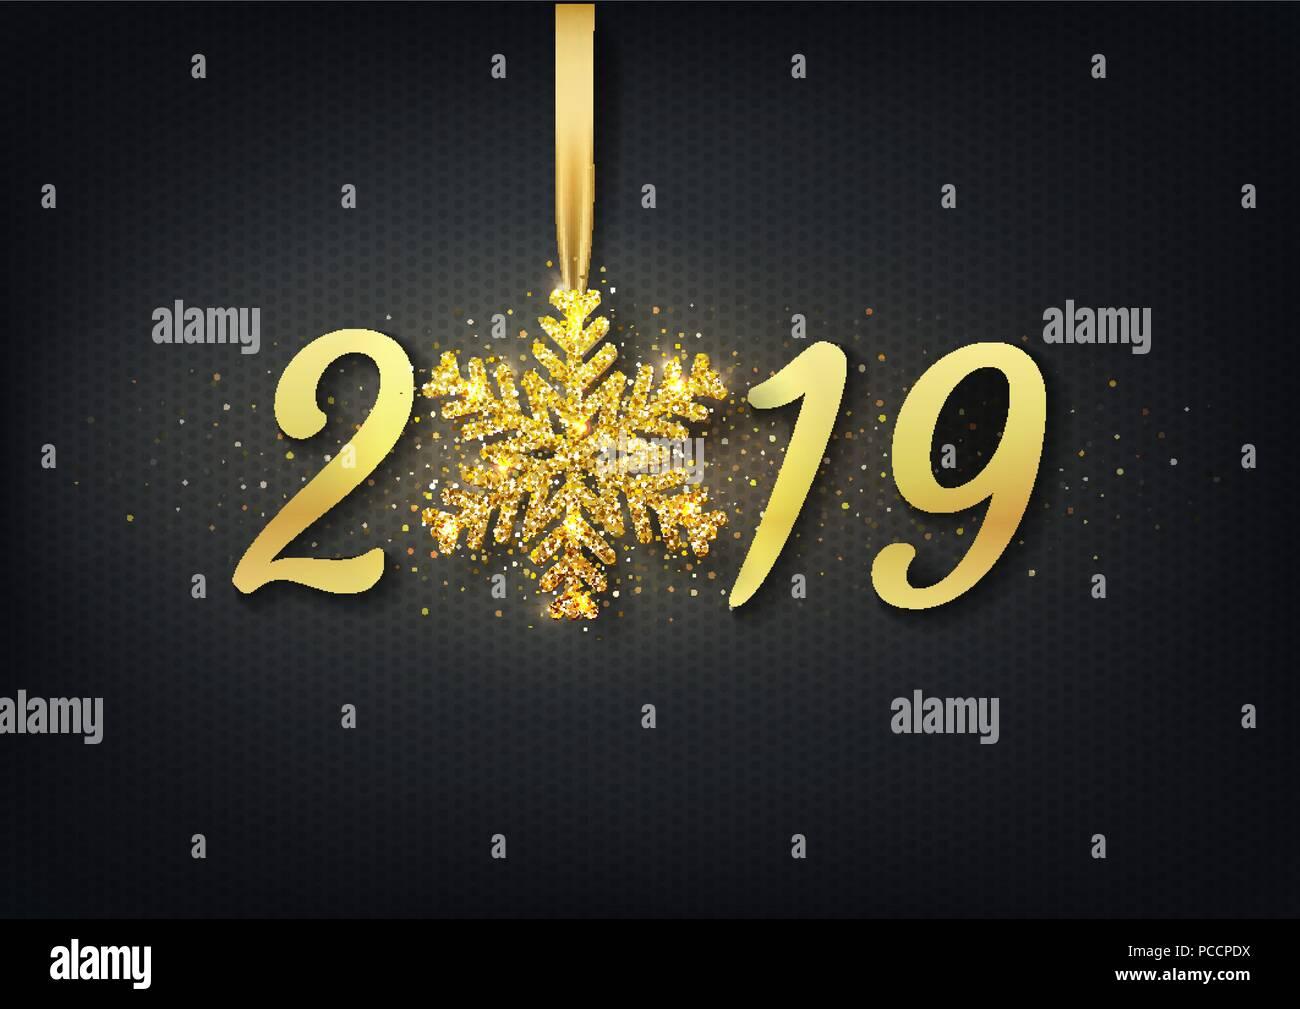 Imagenes Felicitacion Navidad 2019.Tarjeta De Felicitacion Invitacion Con Feliz Ano Nuevo 2019